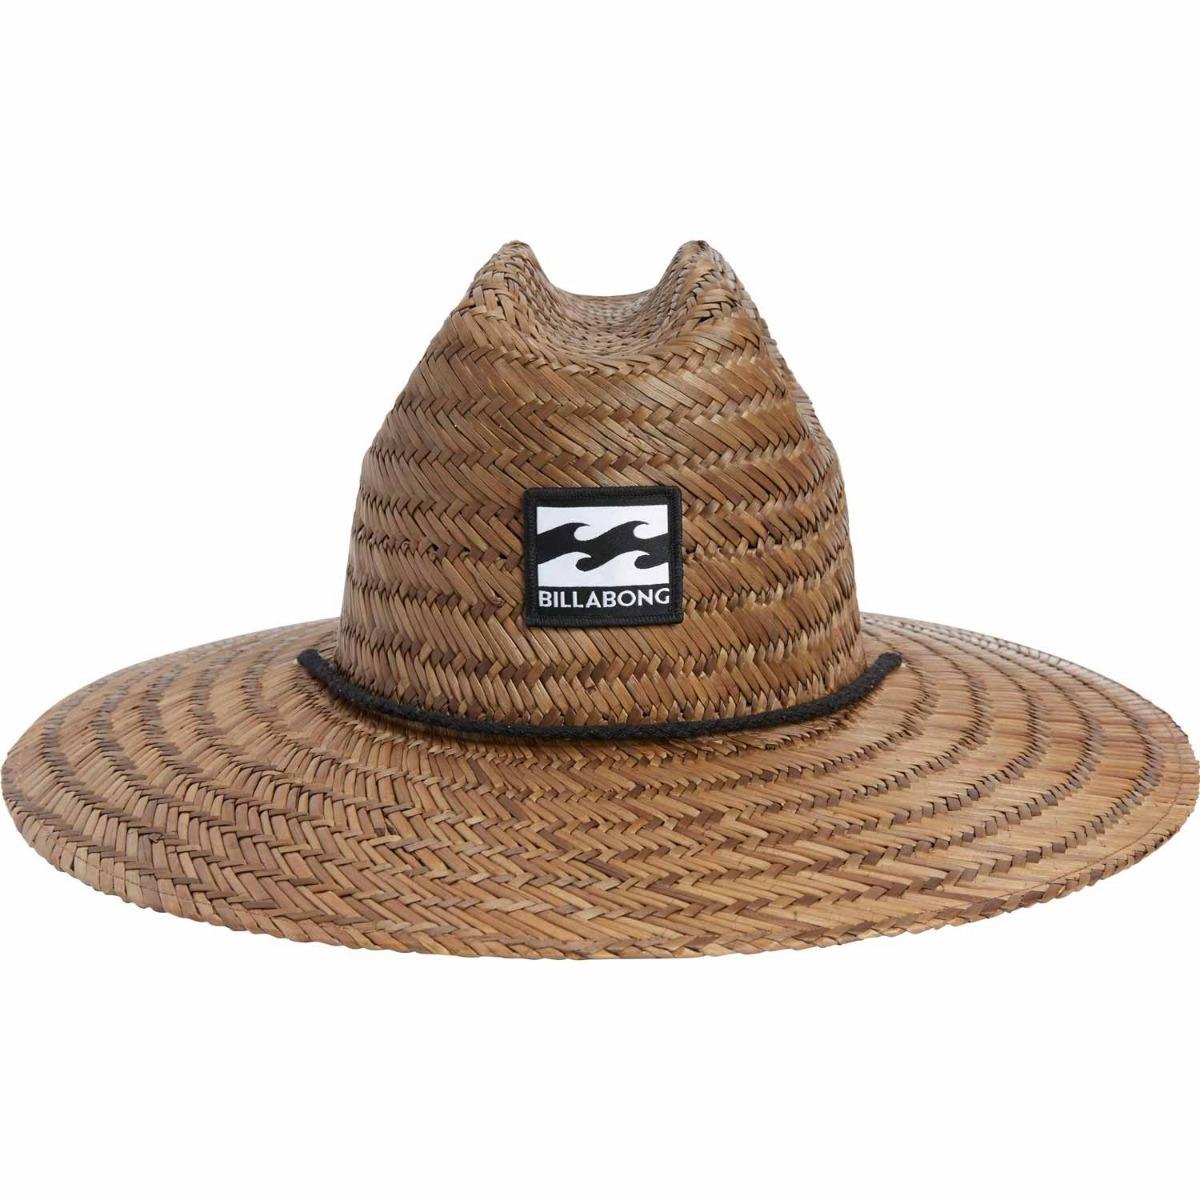 chapéu de palha billabong tides - escuro. Carregando zoom. 6f432fab9fb